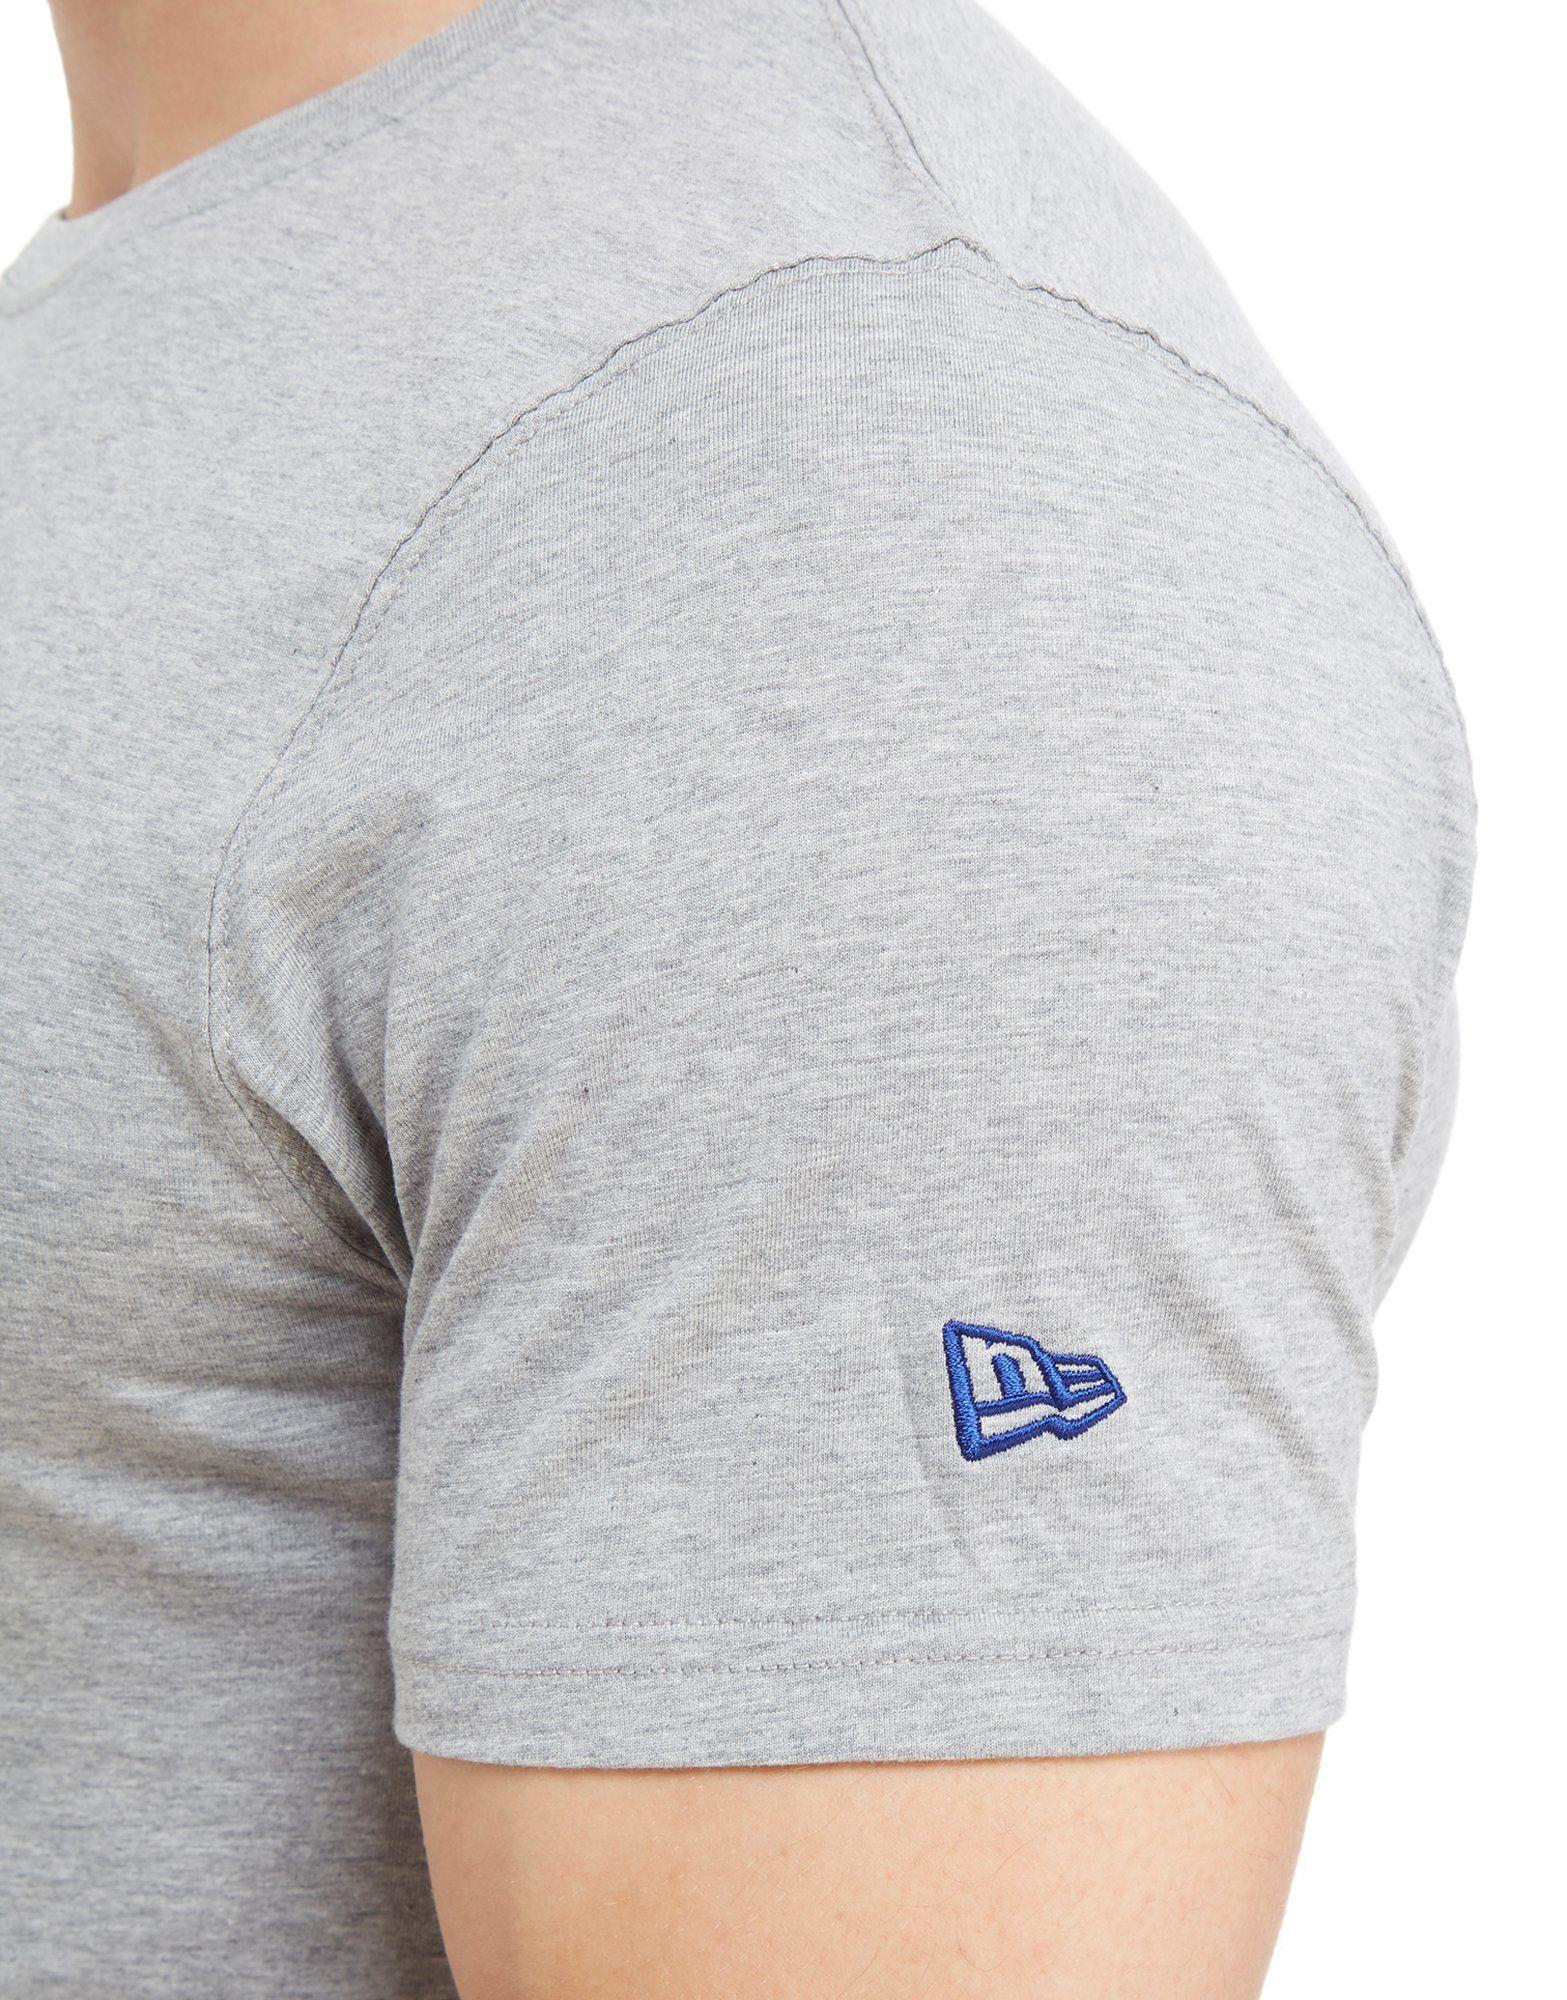 New Grau Dodgers T MLB Shirt LA Era Era New 4dq84p